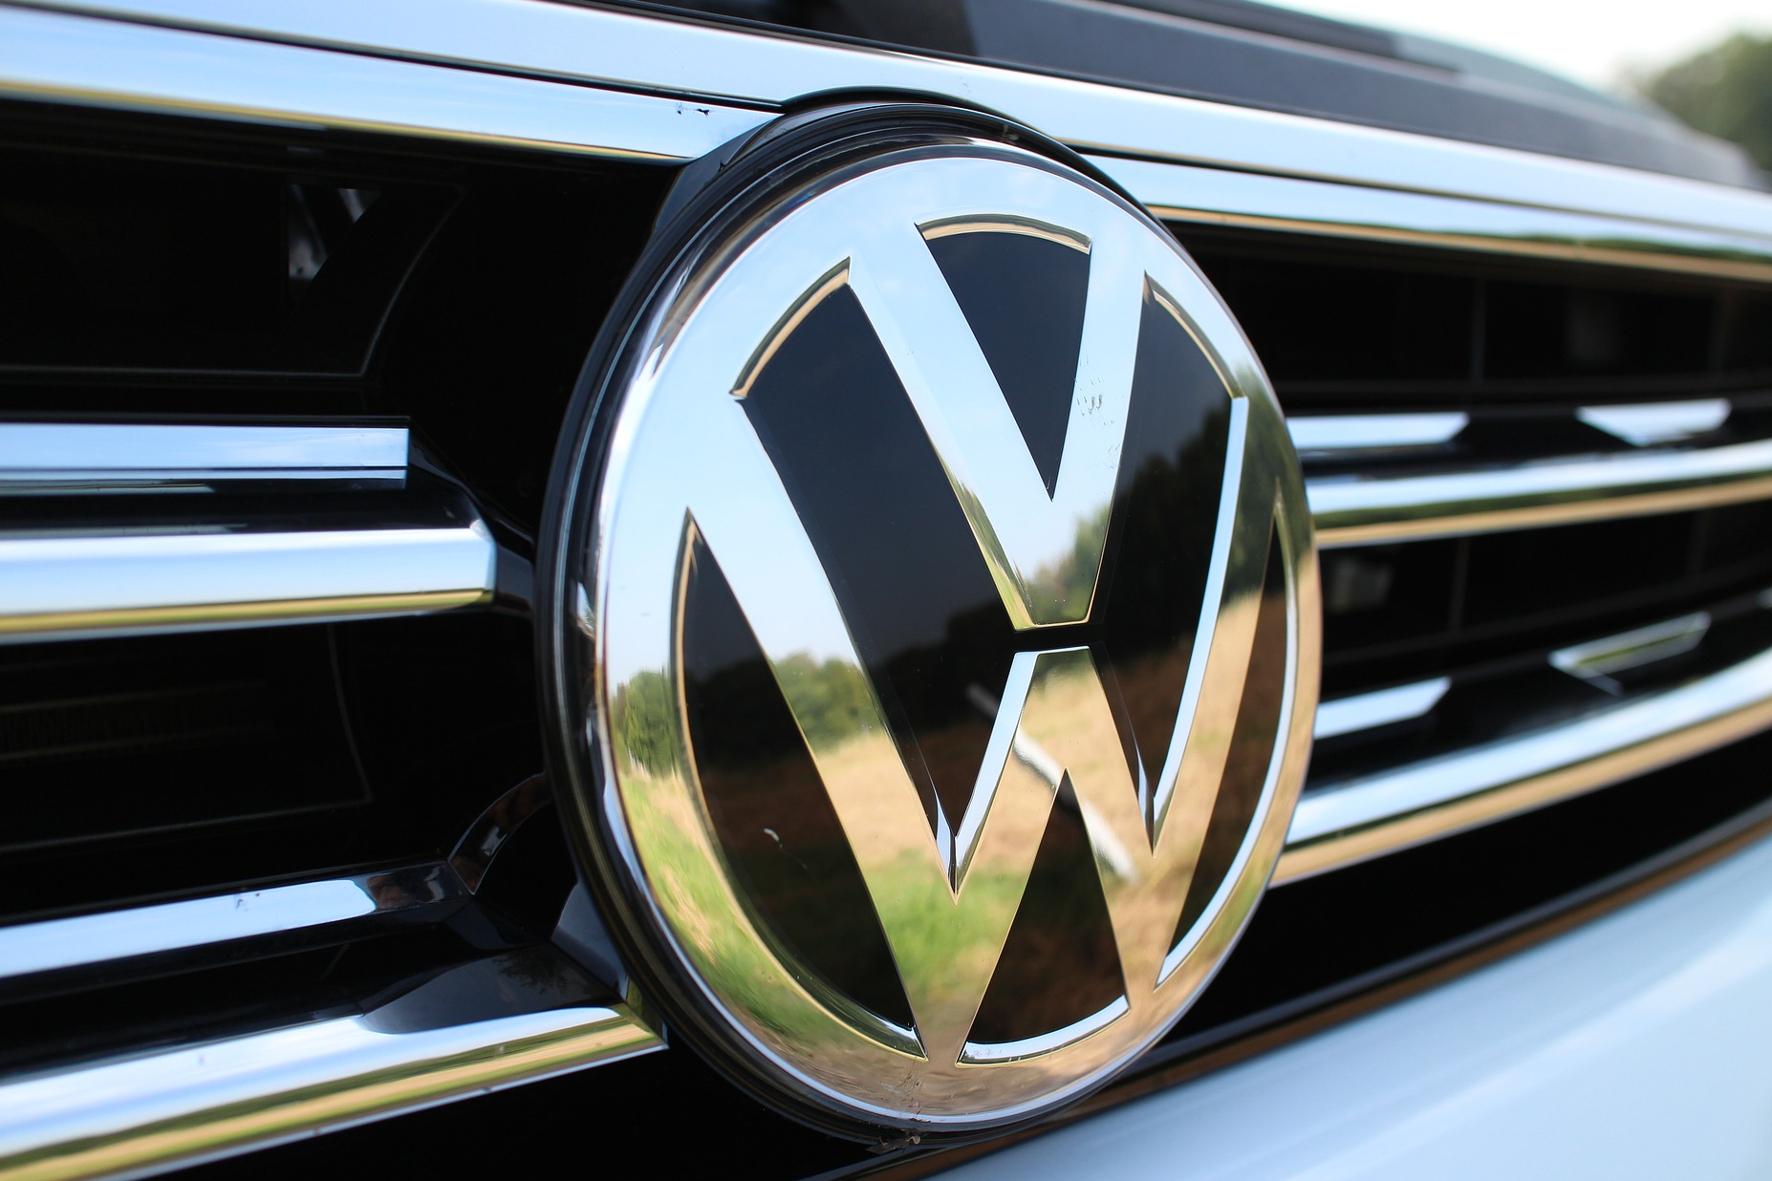 mid Groß-Gerau - Das VW-Emblem glänzt: Der Konzern hat trotz der Diesel-Affäre im Geschäftsjahr 2018 einen Gewinn eingefahren. Volkswagen